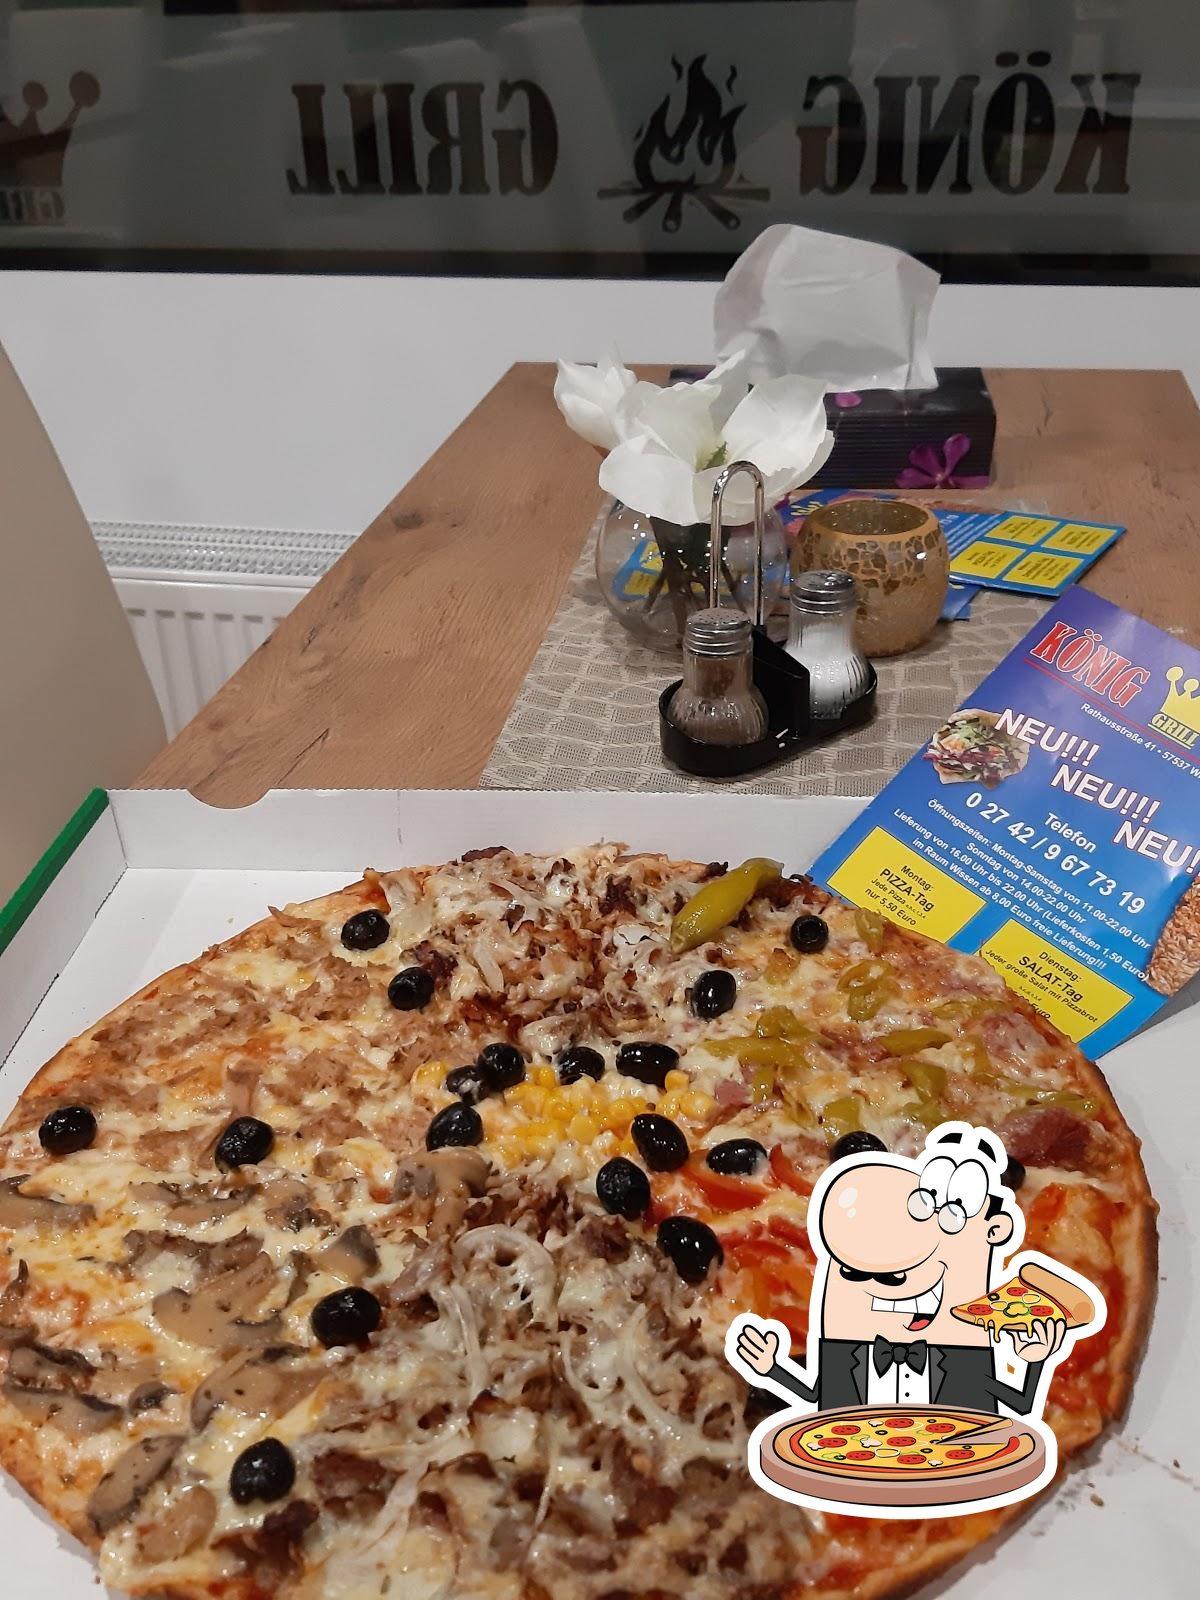 Venezia Grill Pizzeria Wissen Restaurant Reviews Includes the menu, 1 review, 4 photos. venezia grill pizzeria wissen